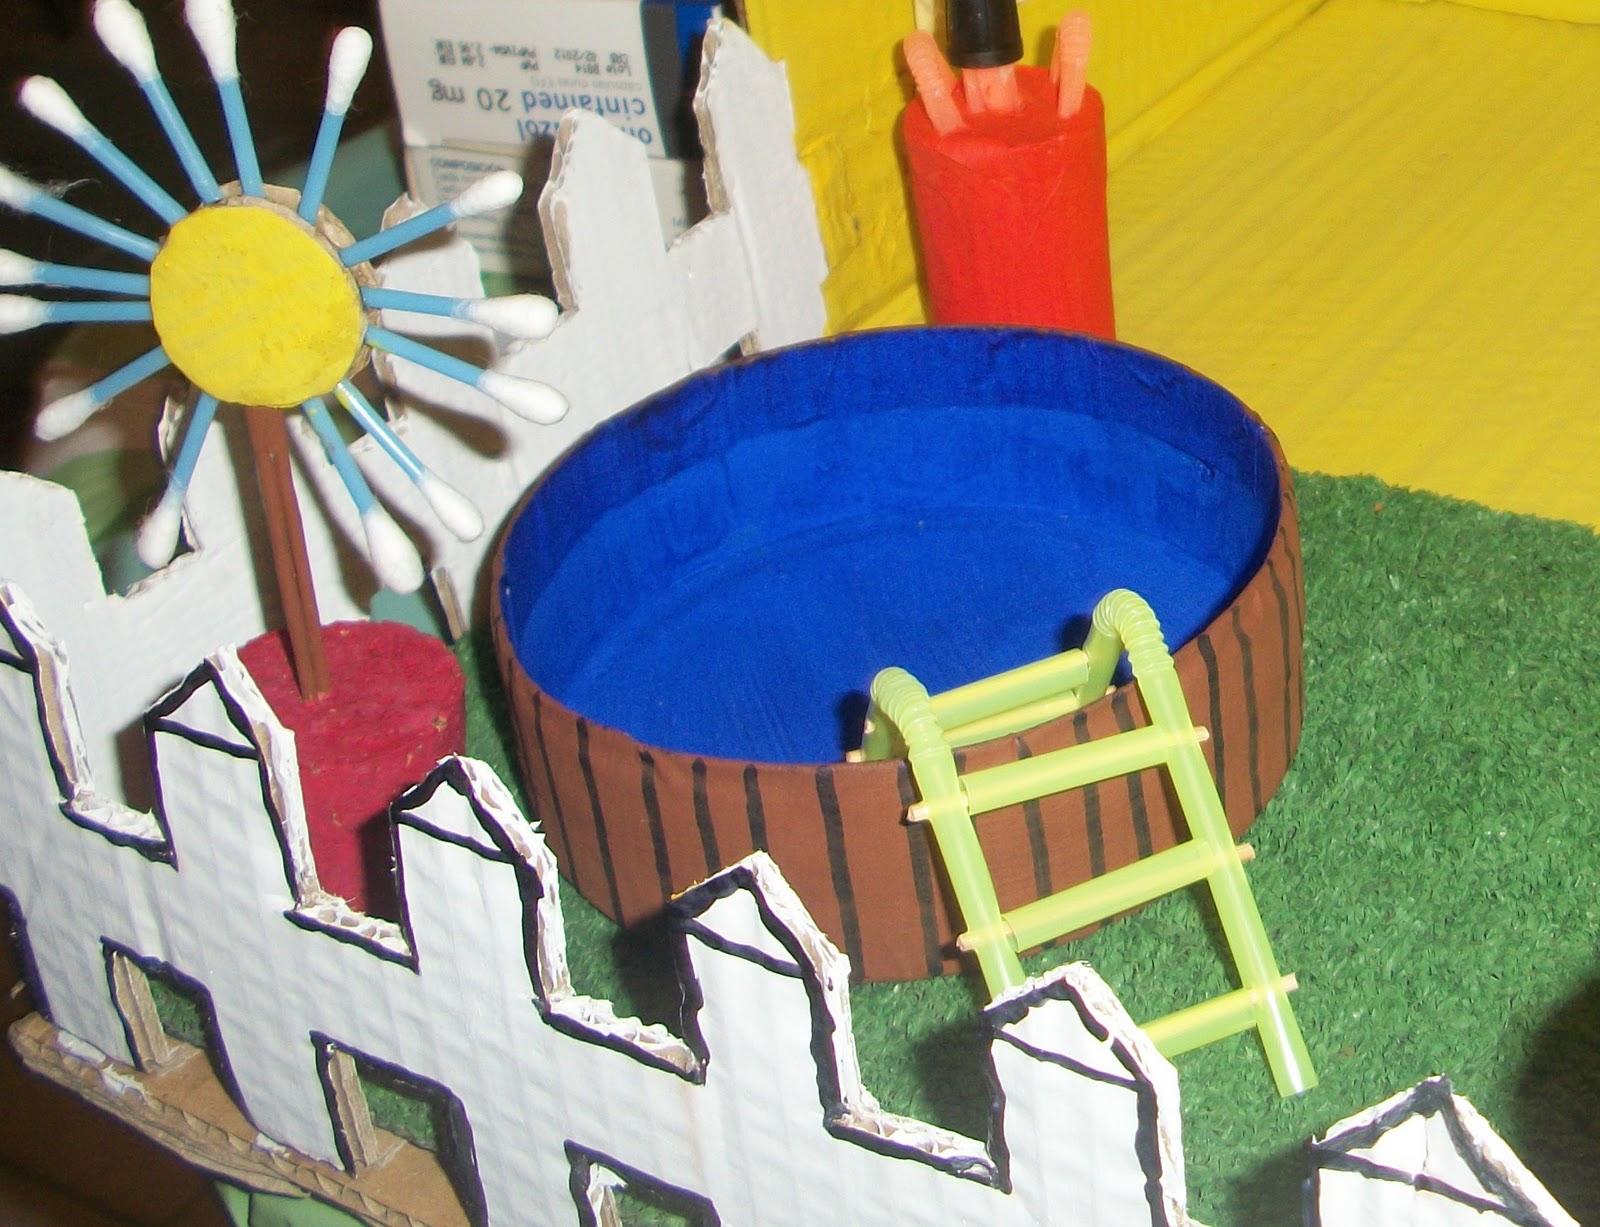 Maravillapinolandia juguete con materiales reciclados - Casa de materiales ...